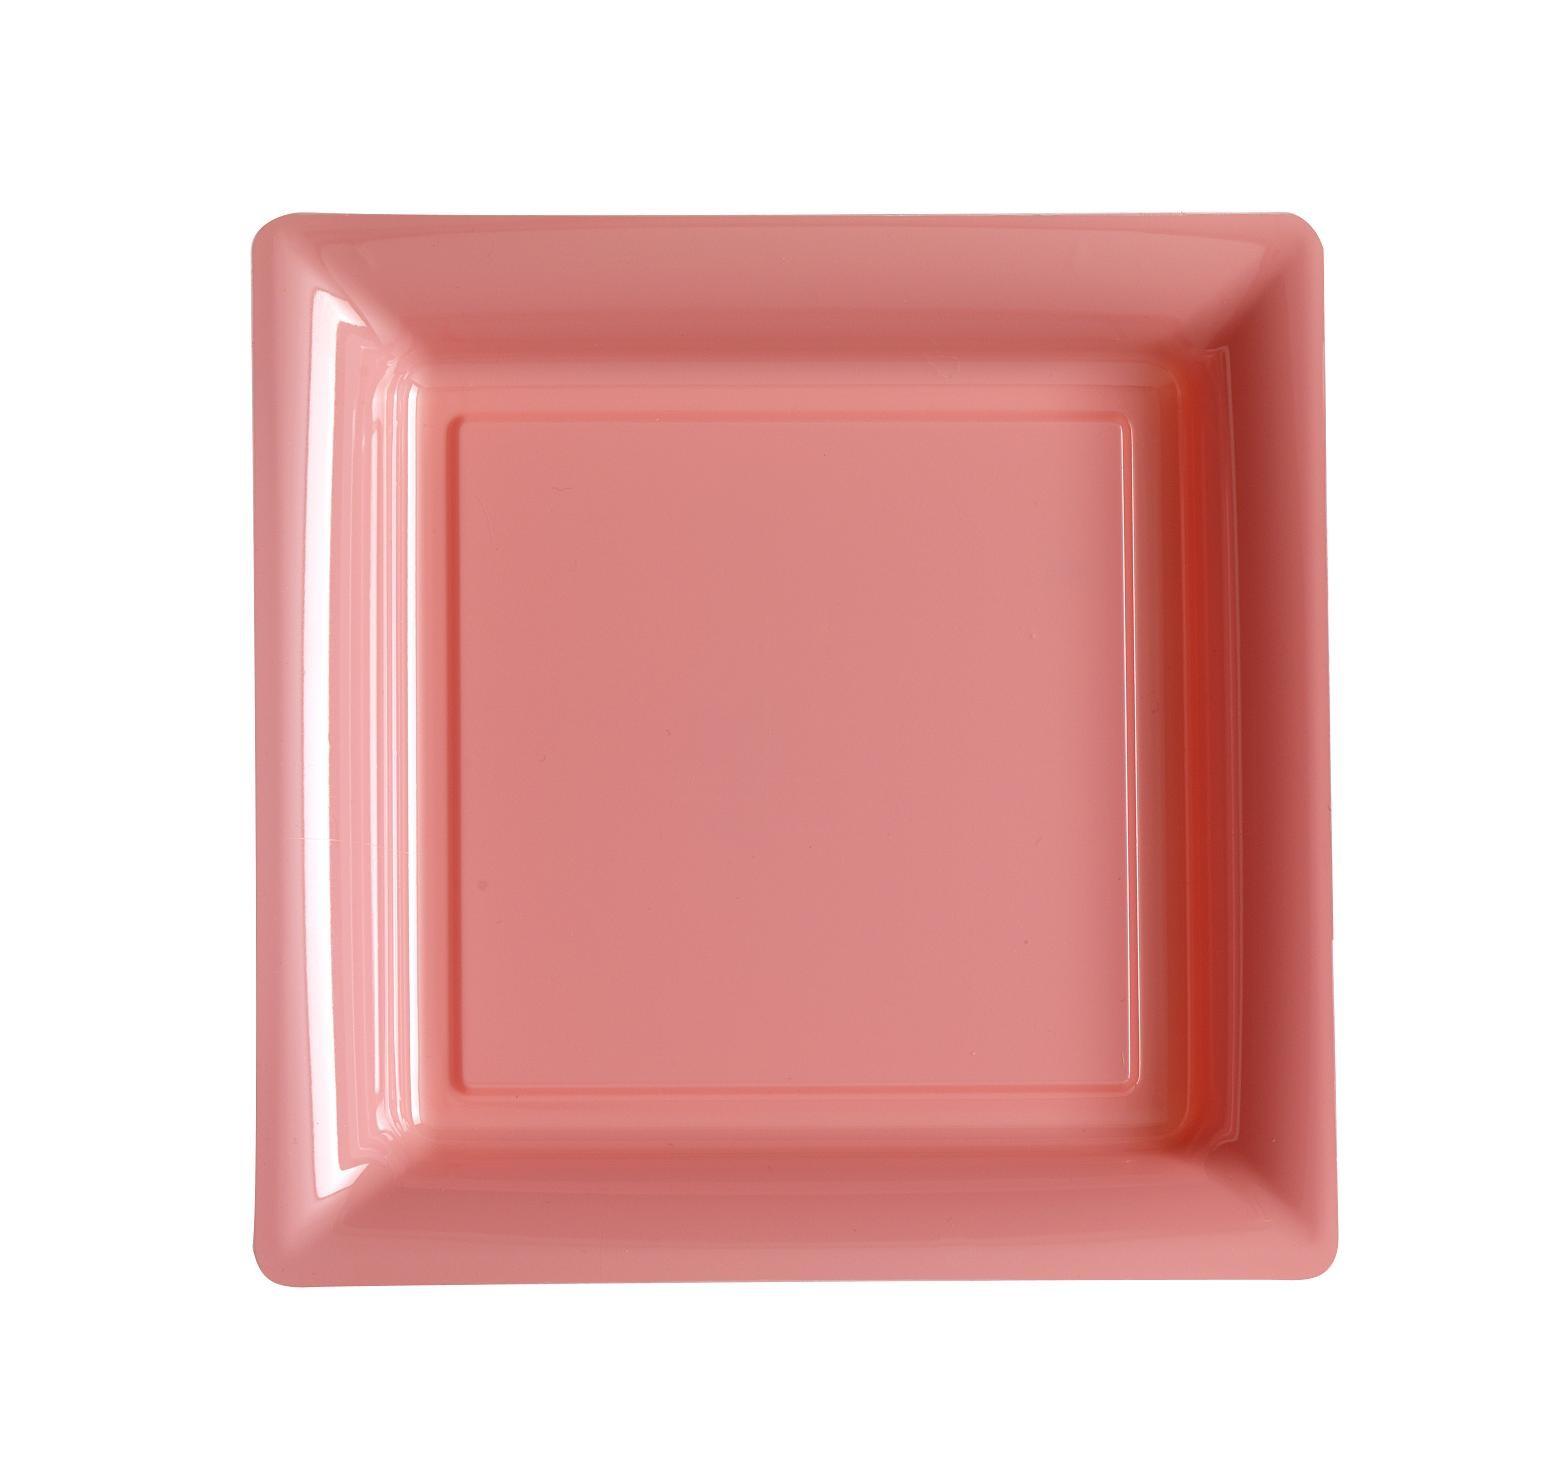 ASSIETTE JETABLE ROSE PASTEL 24cm